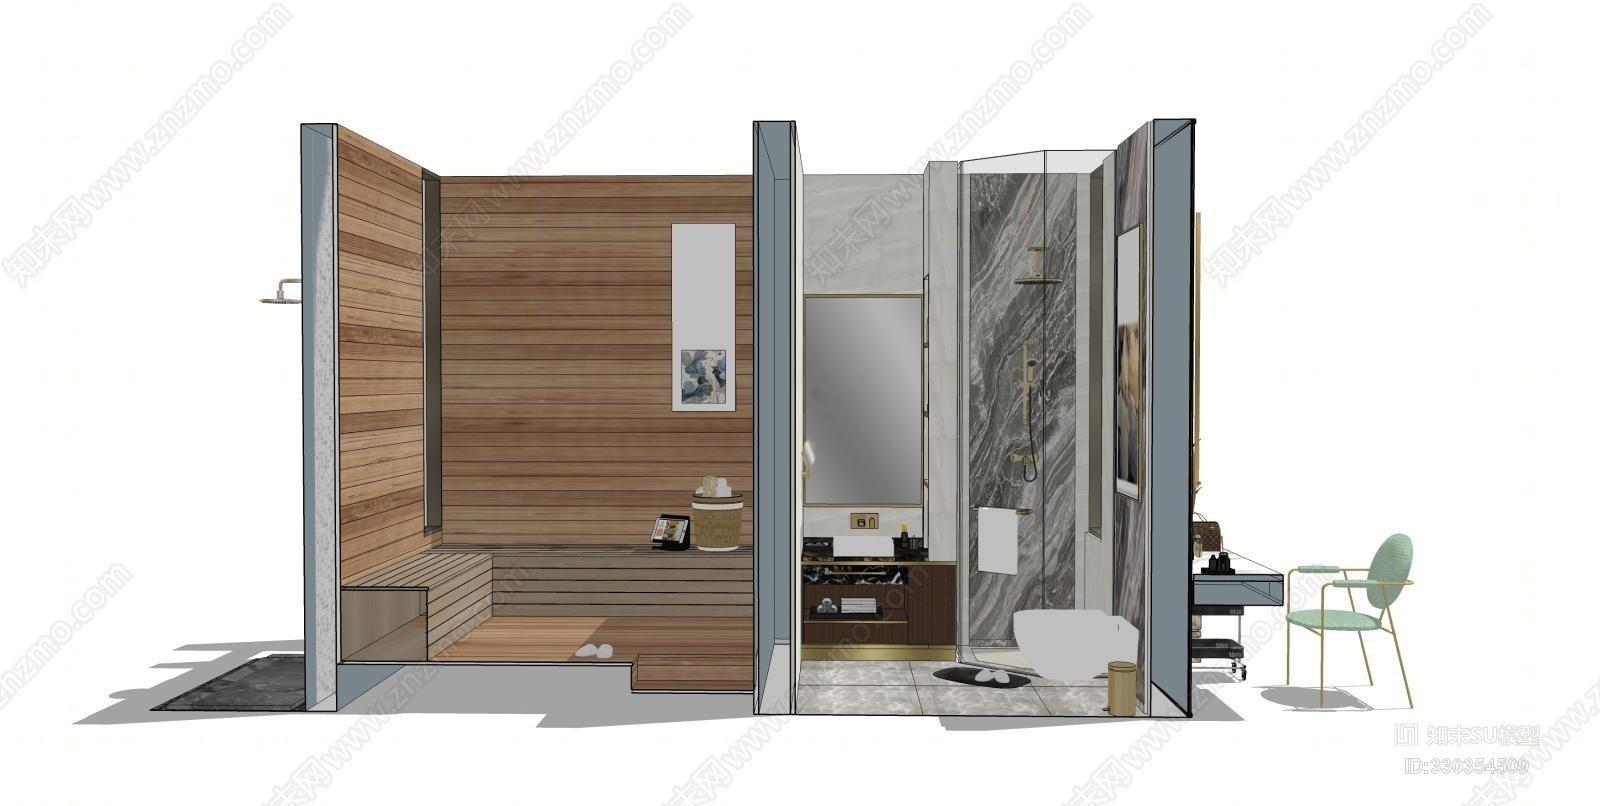 现代轻奢卫生间汗蒸房梳妆台室外淋浴衣柜 家具 室外 其他 电脑